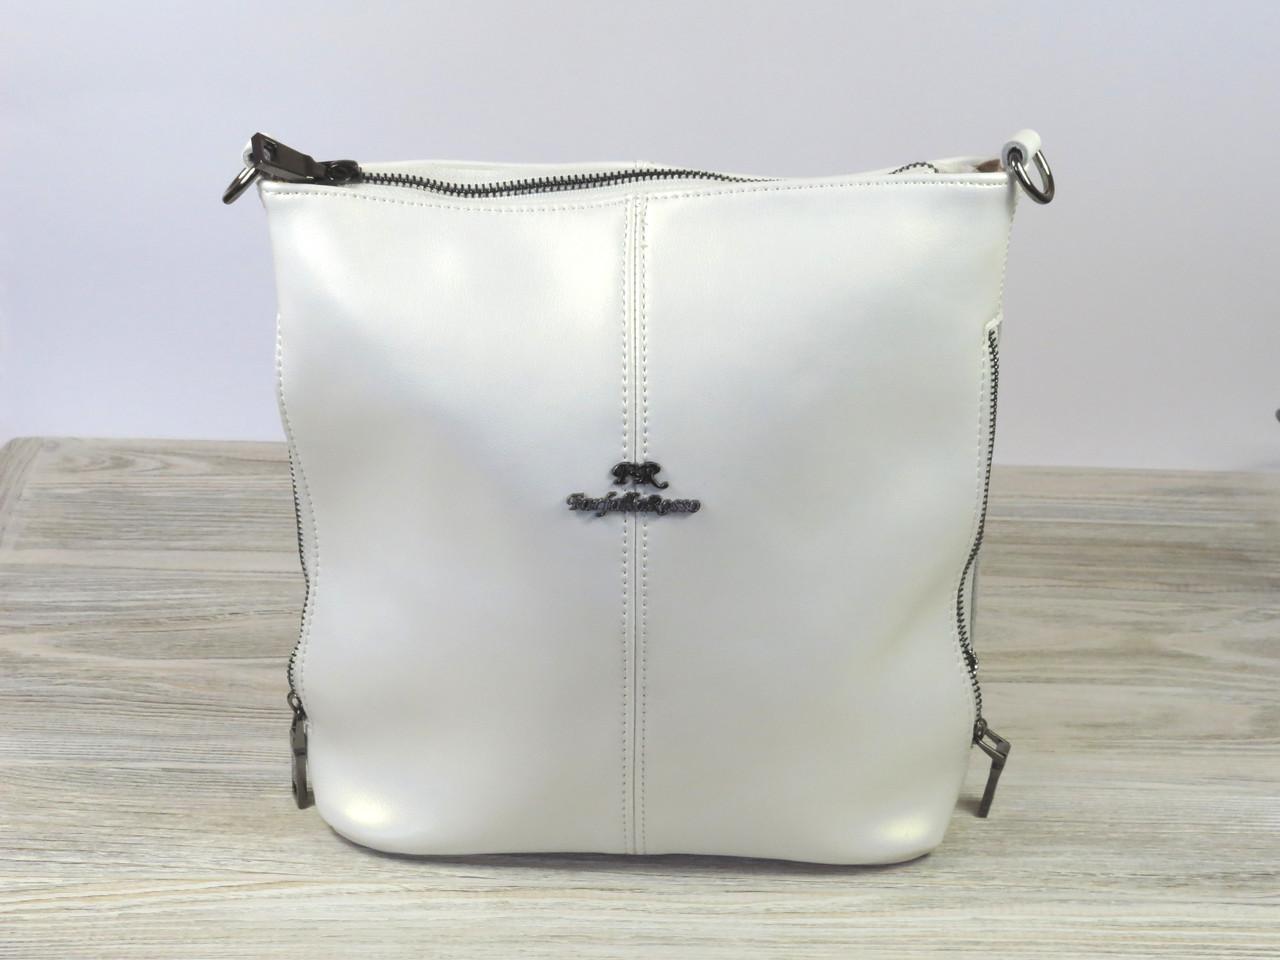 Кожаная женская сумка белого Farfalla Rosso